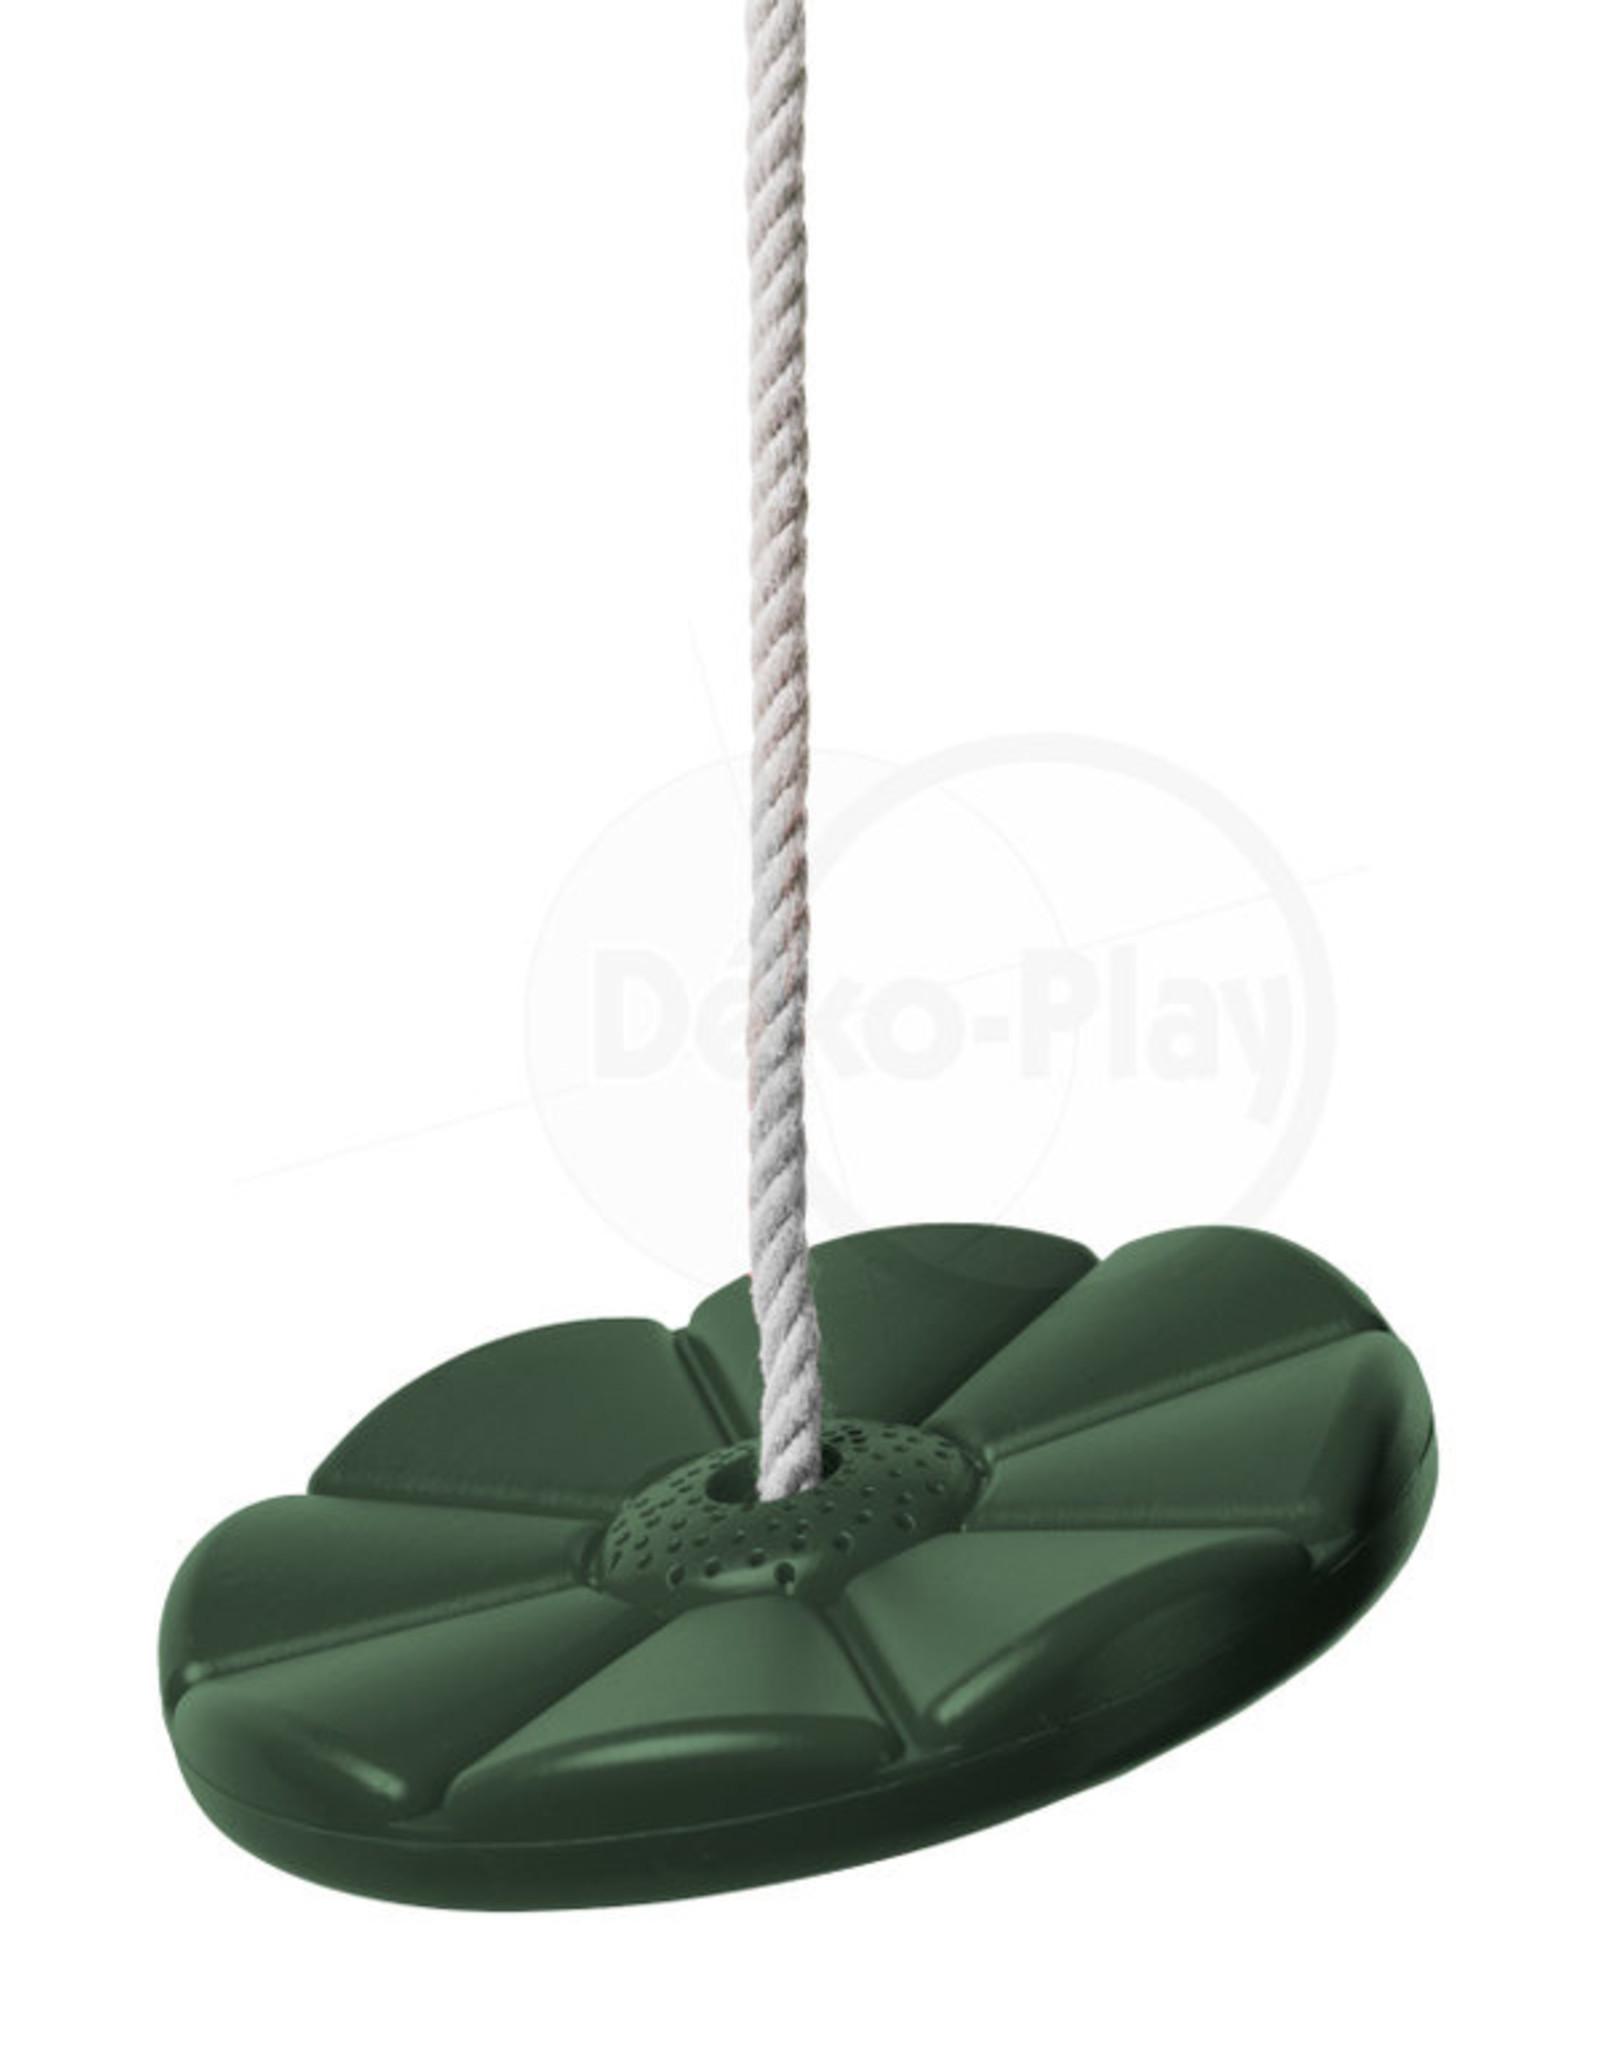 Déko-Play Déko-Play Pendelsitz Kunststoff grün